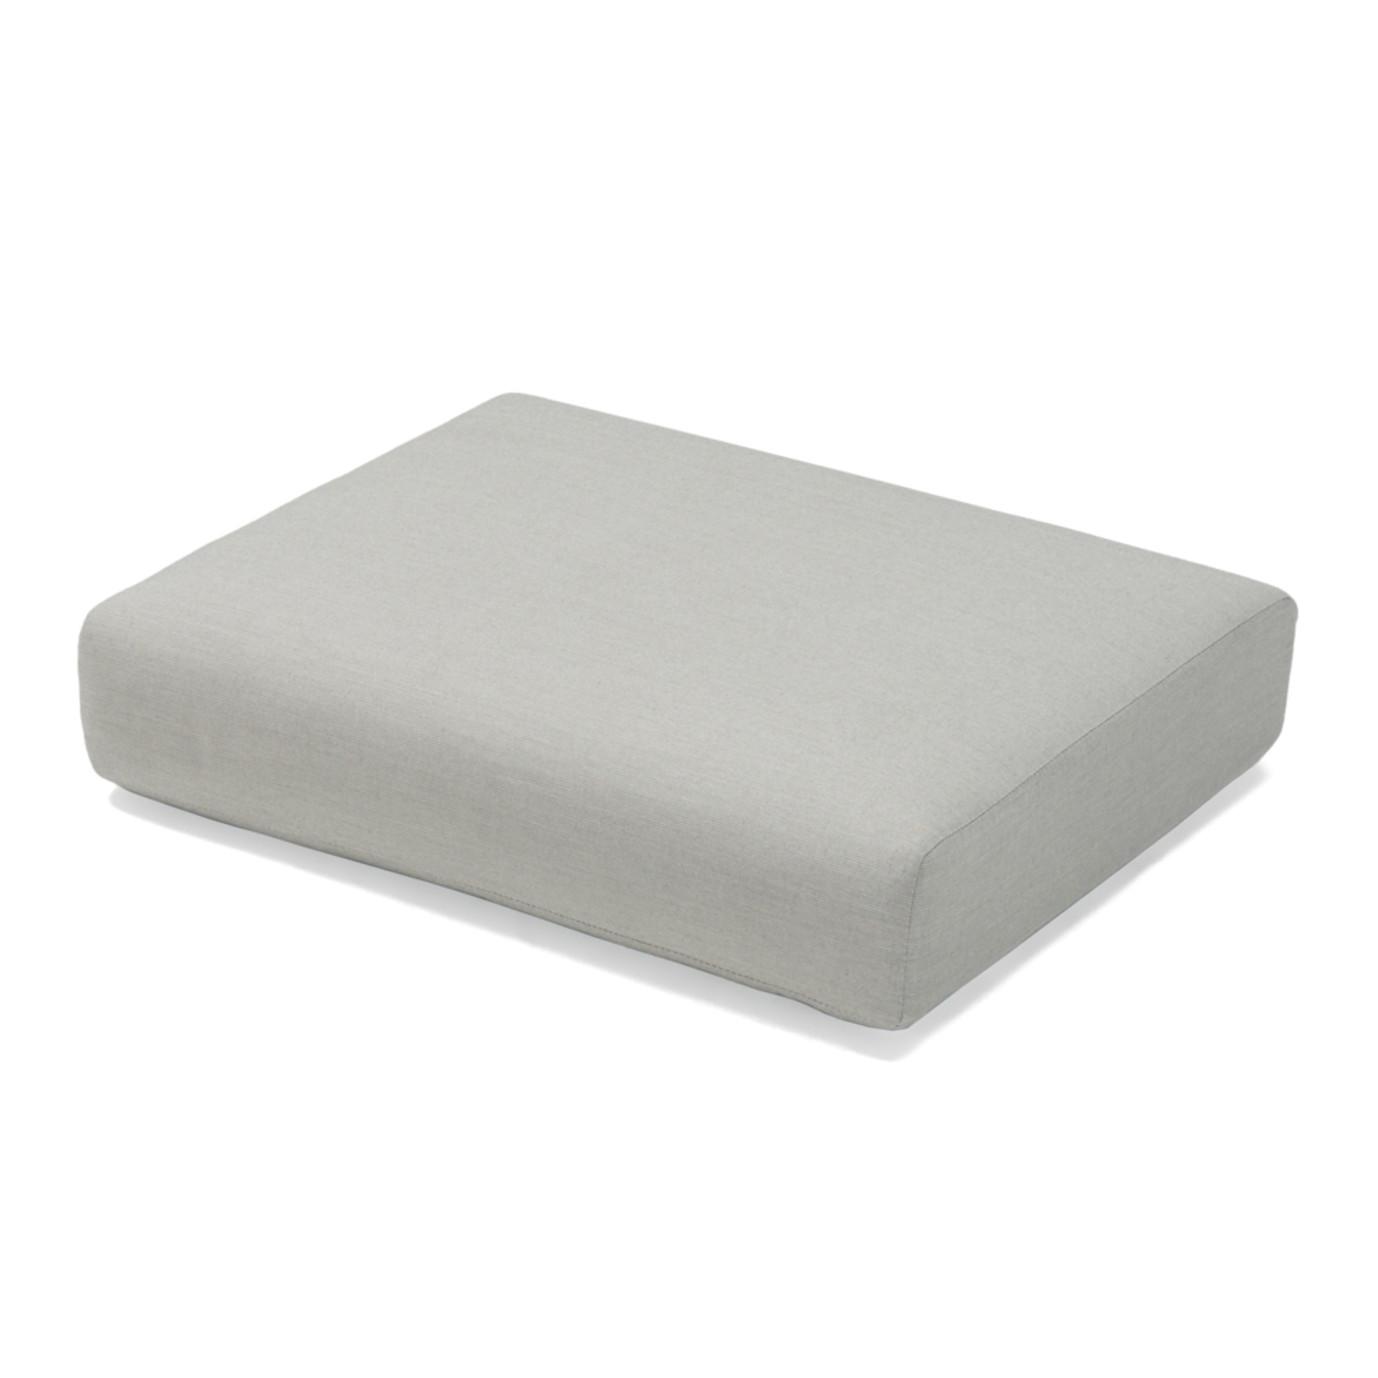 Portofino Casual Club Ottoman Cushion - Dove Gray